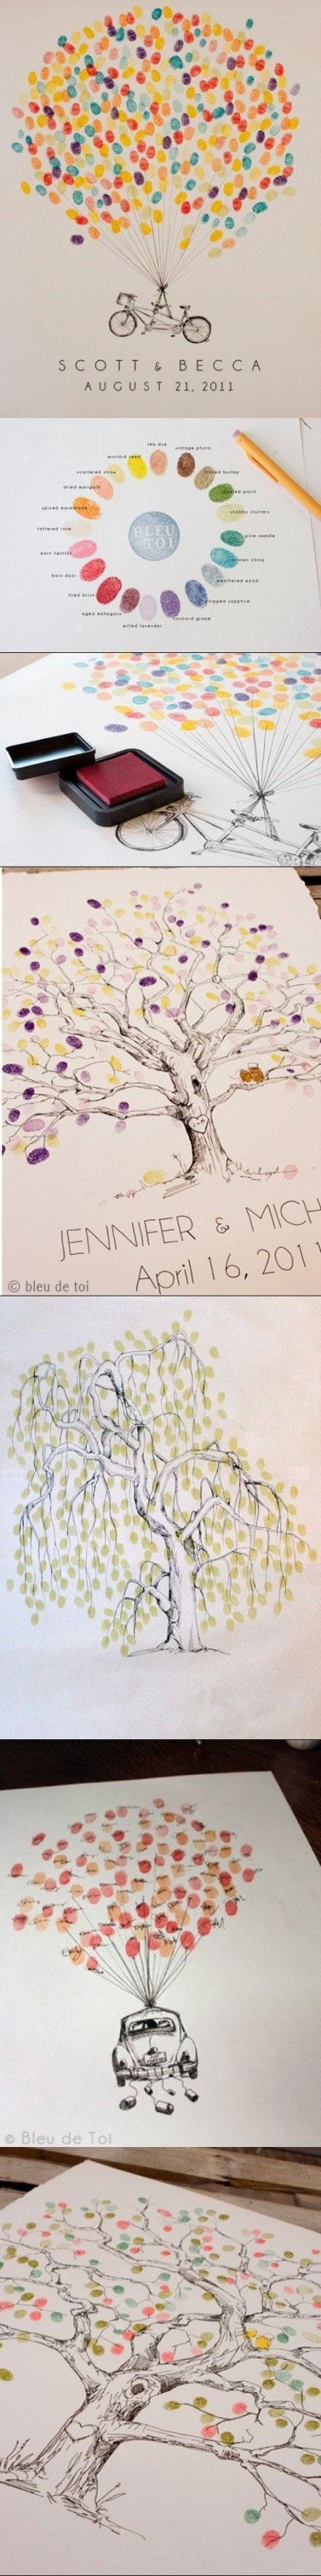 Fingerprint art for a wedding as the guest book